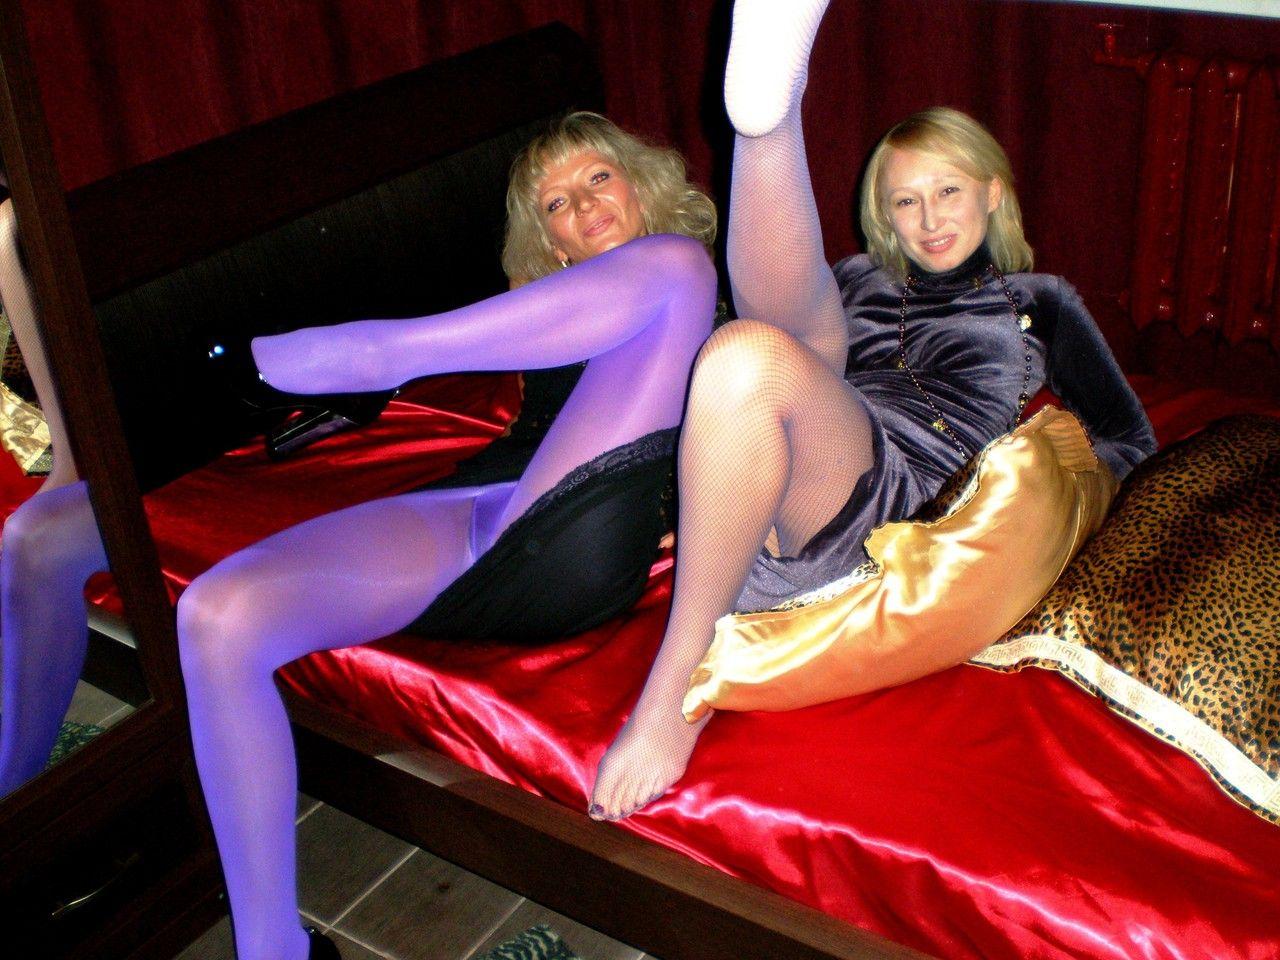 Блондинка в возрасте засветила трусики под колготками